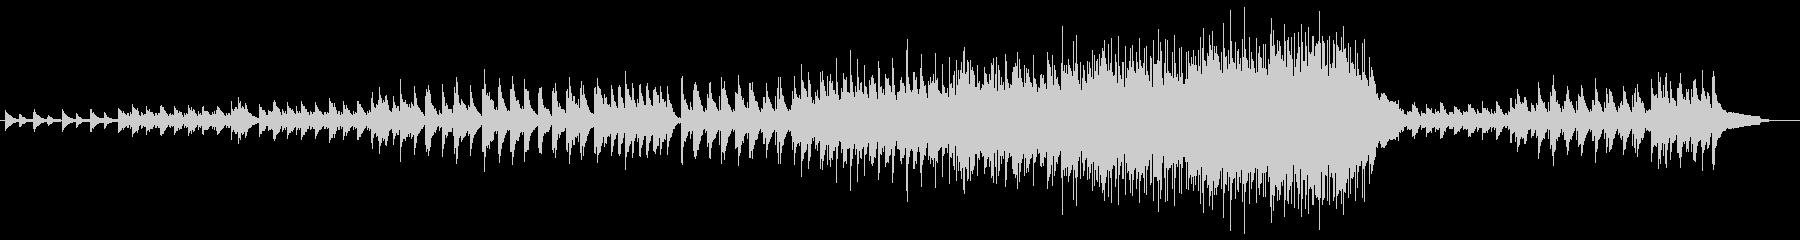 ピアノ・アンサンブルの未再生の波形